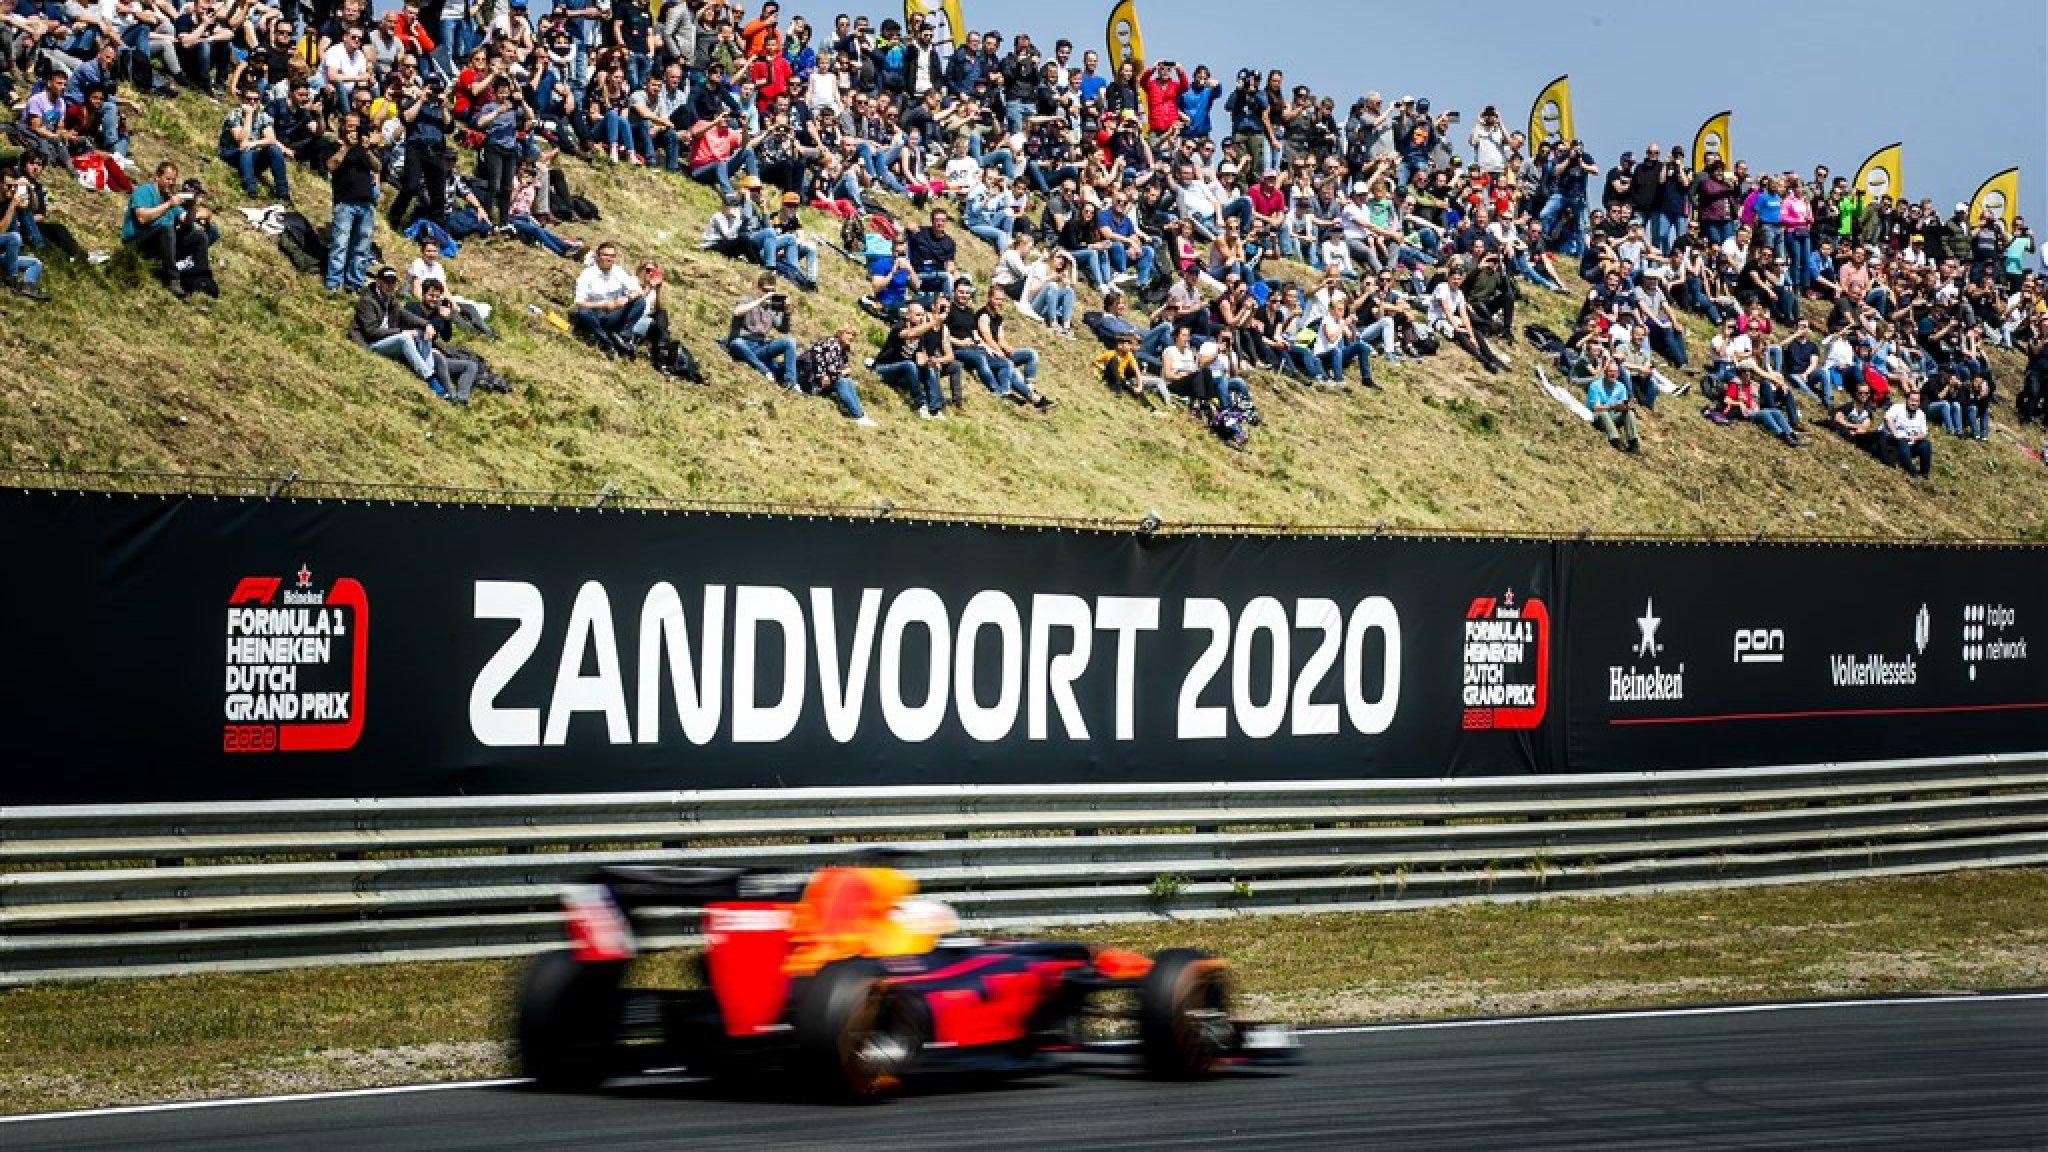 """""""Overheid betaalt tóch miljoenen mee aan Formule 1 Zandvoort"""" Nee, de (slecht onderhouden) infrastructuur naar Zandvoort wordt verbeterd. Iets wat ze al hadden beloofd ?? ."""